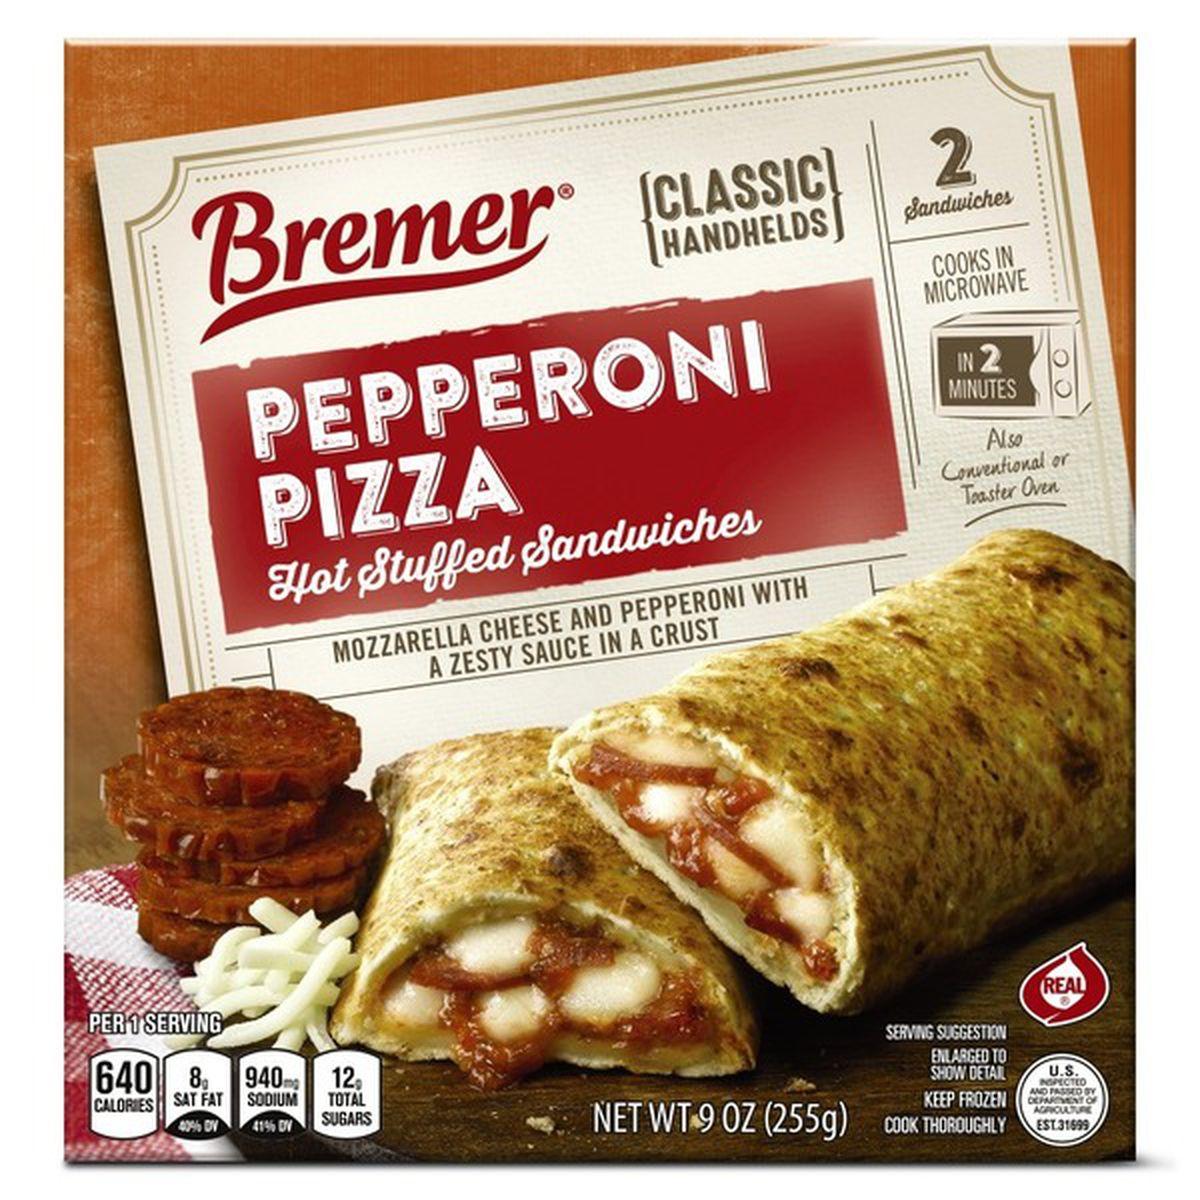 Pepperoni Pizza - Hot Stuffed Sandwich